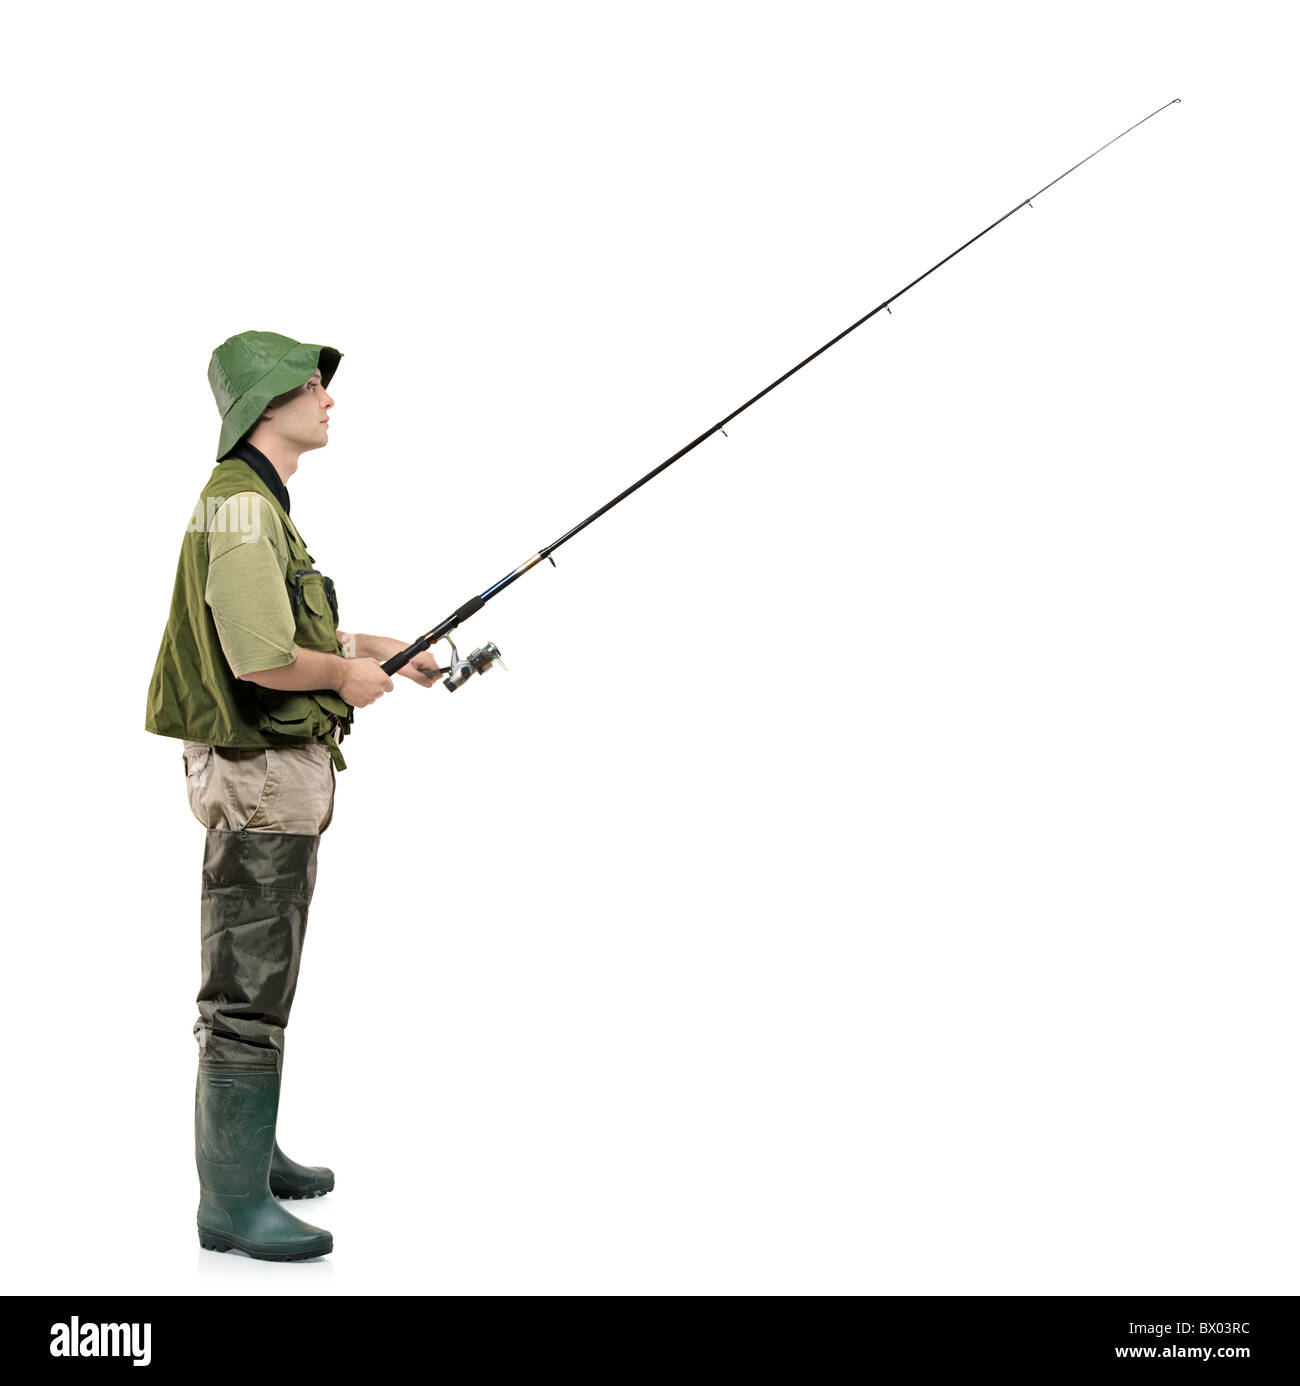 Una piena lunghezza Ritratto di un pescatore in possesso di una canna da pesca Immagini Stock